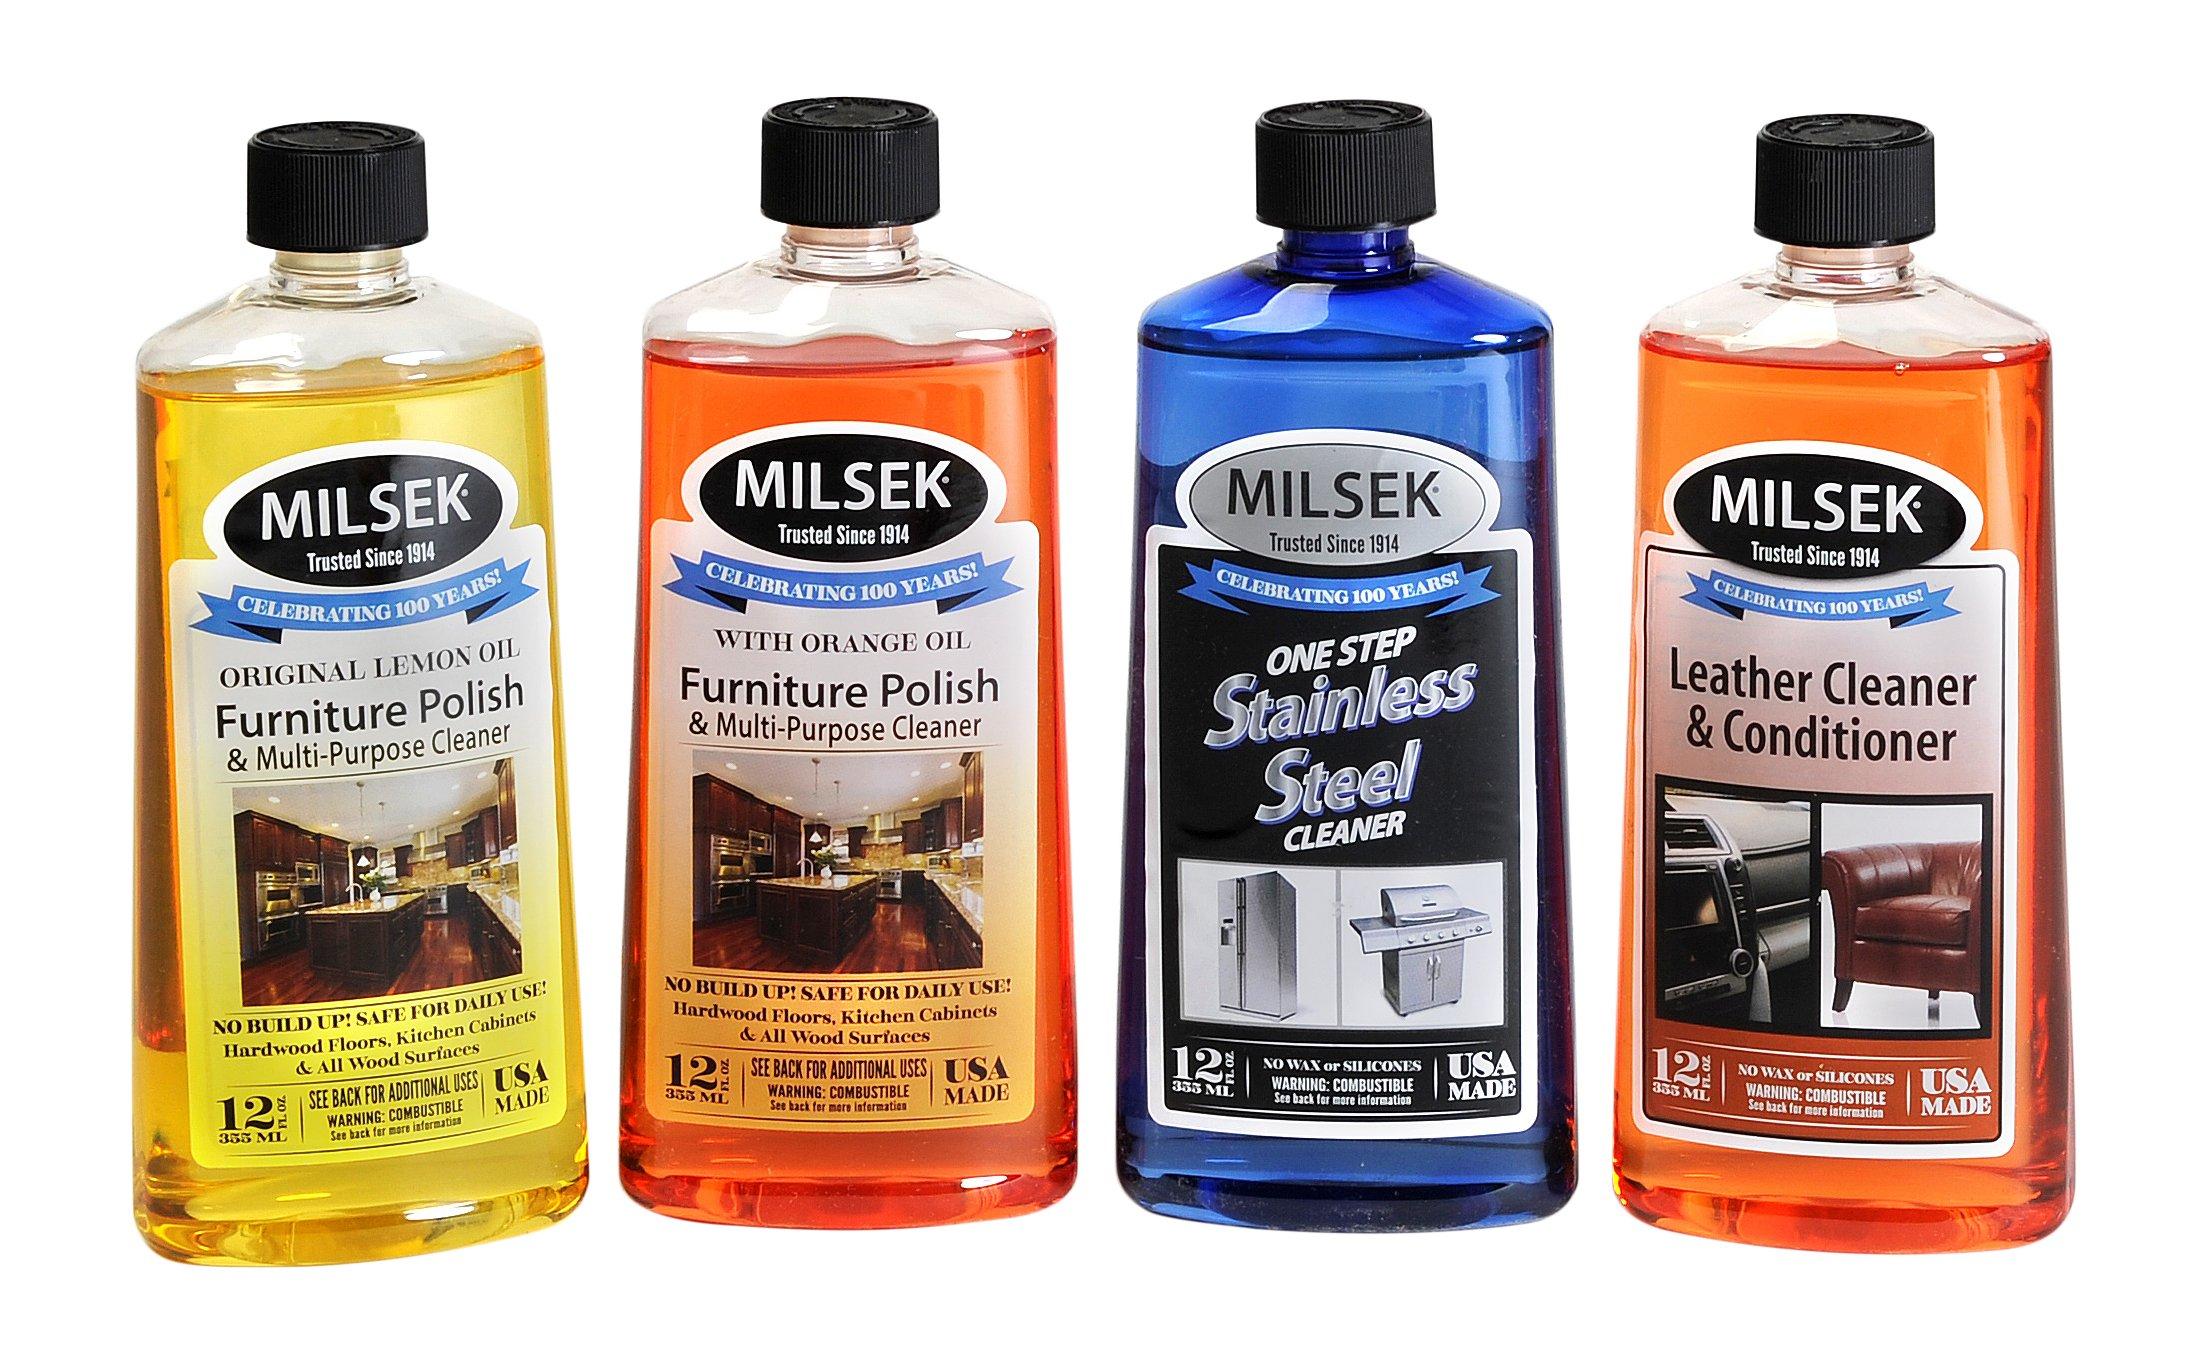 Milsek Lemon Oil & Orange Oil Stainless Steel Cleaner and Leather, 4-Pk - Variety Pack, 12-oz, VAR-4 by Milsek